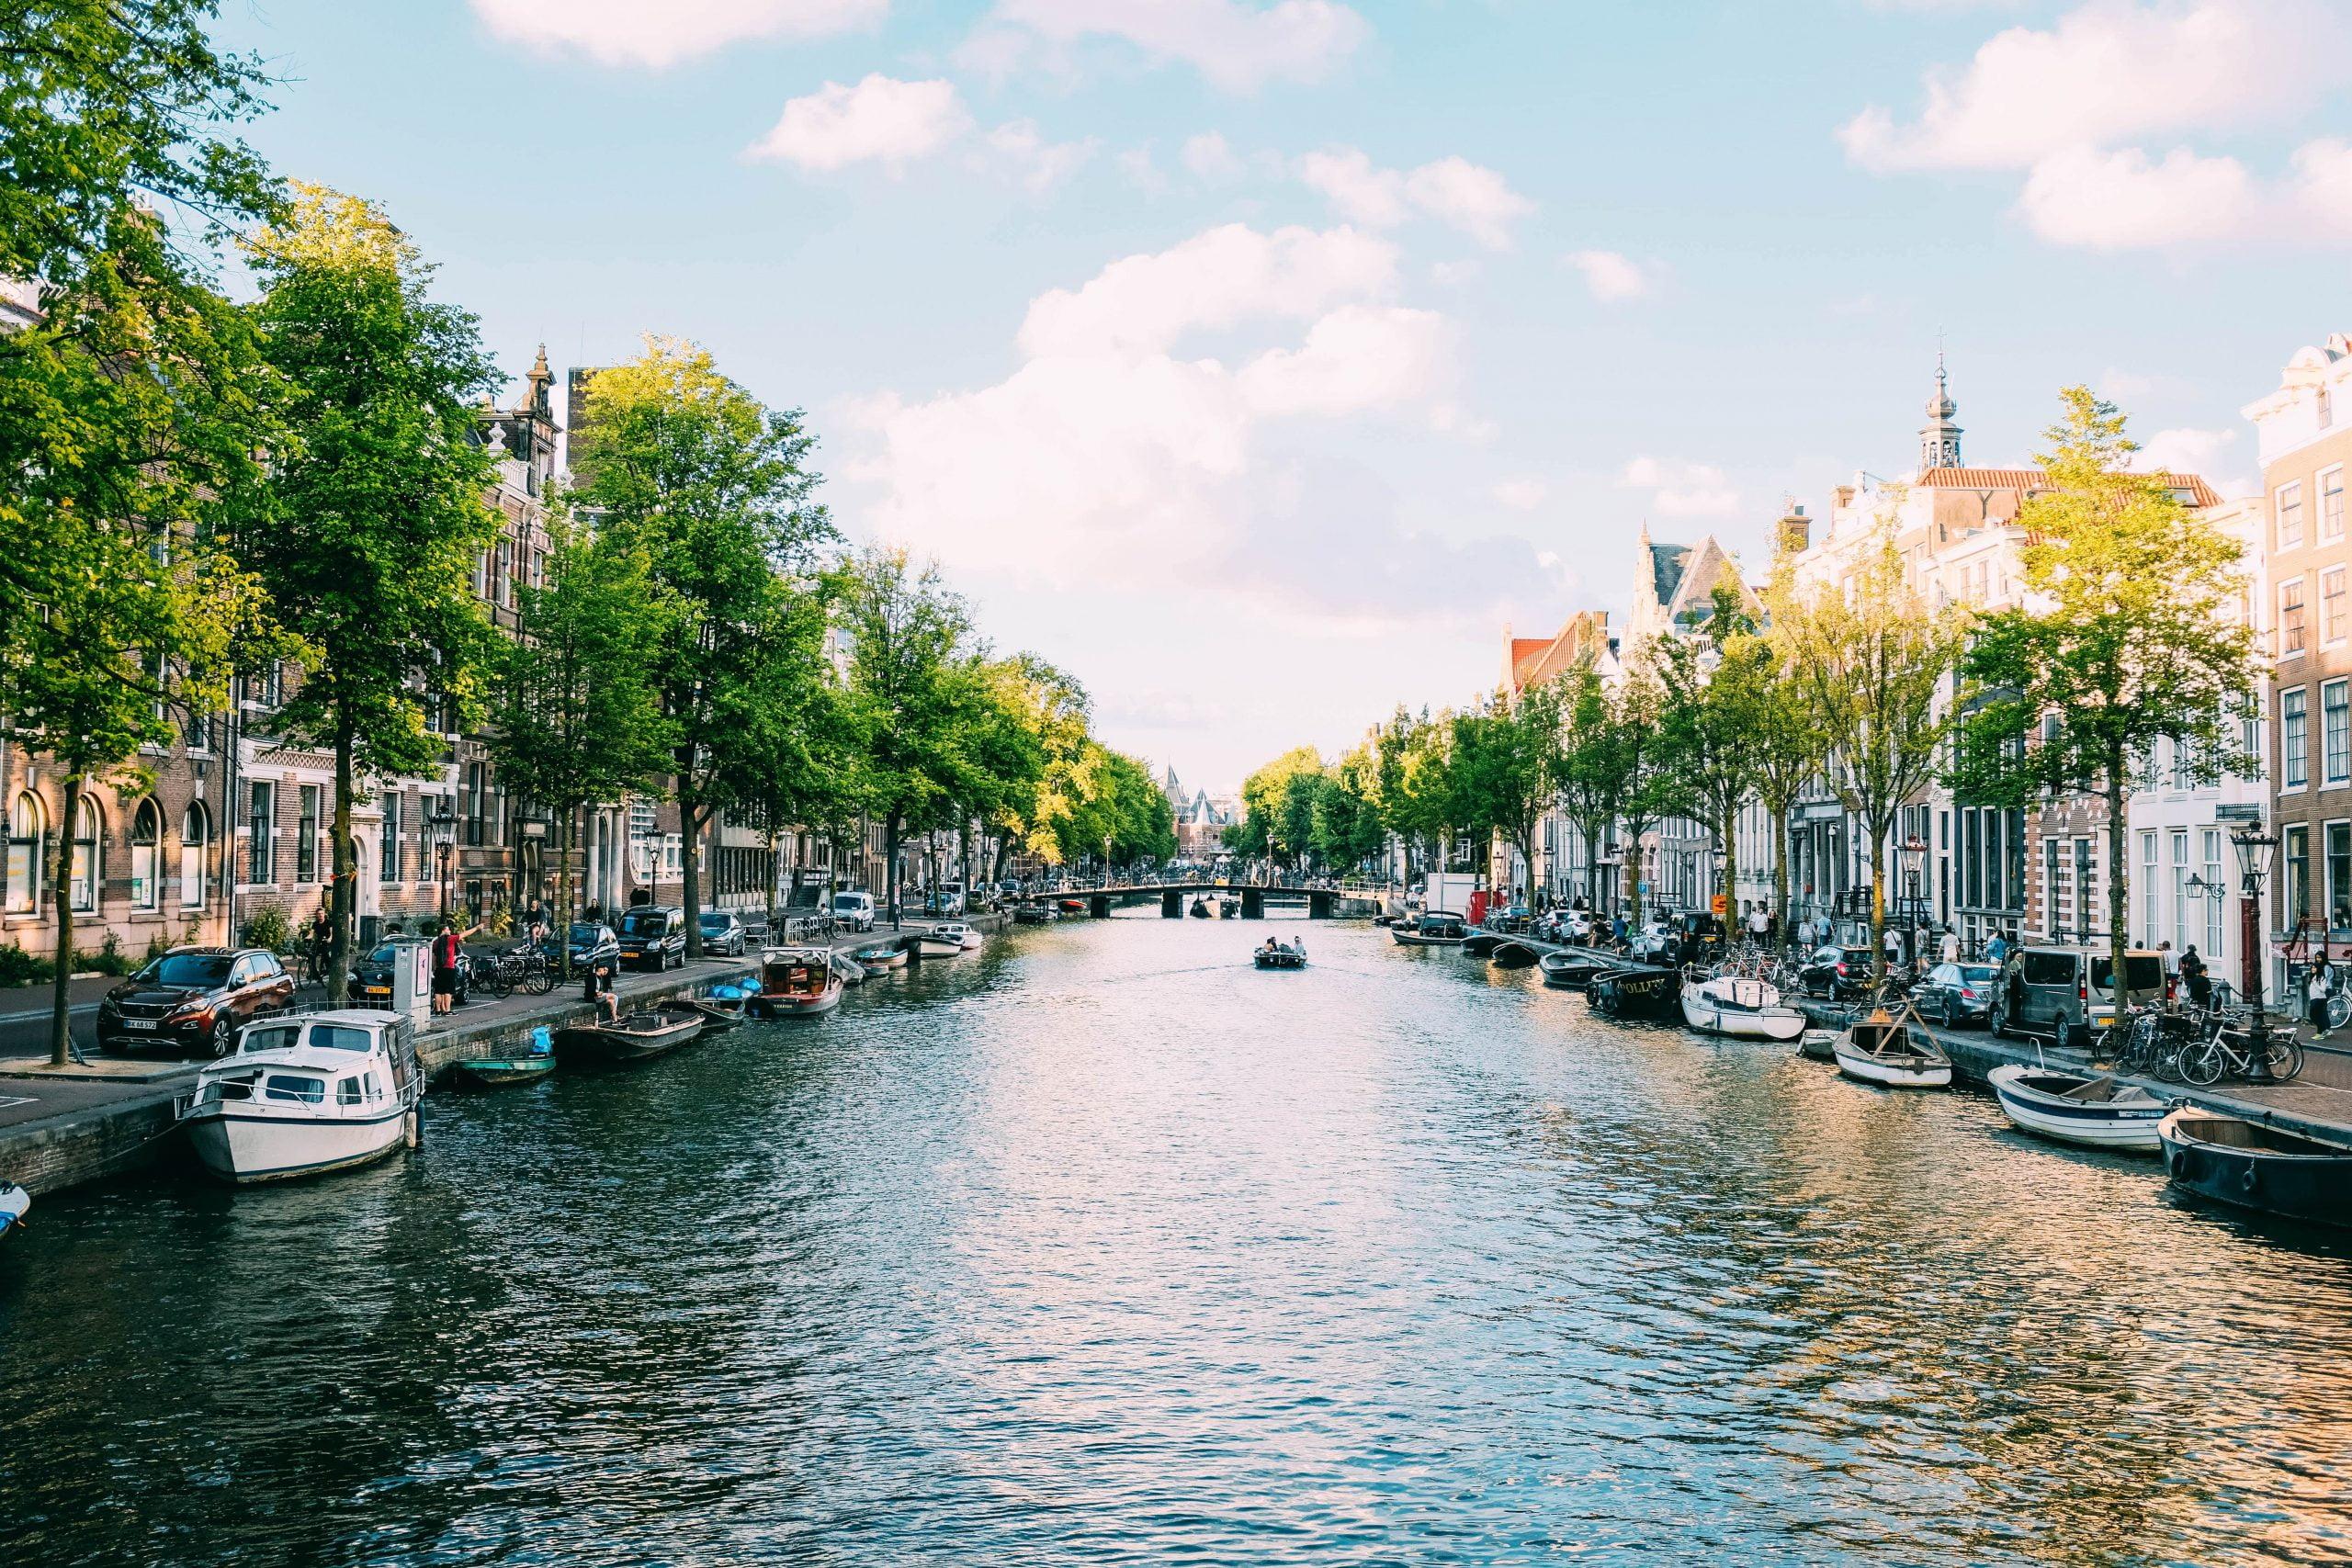 Bootjes op de Amsterdamse grachten